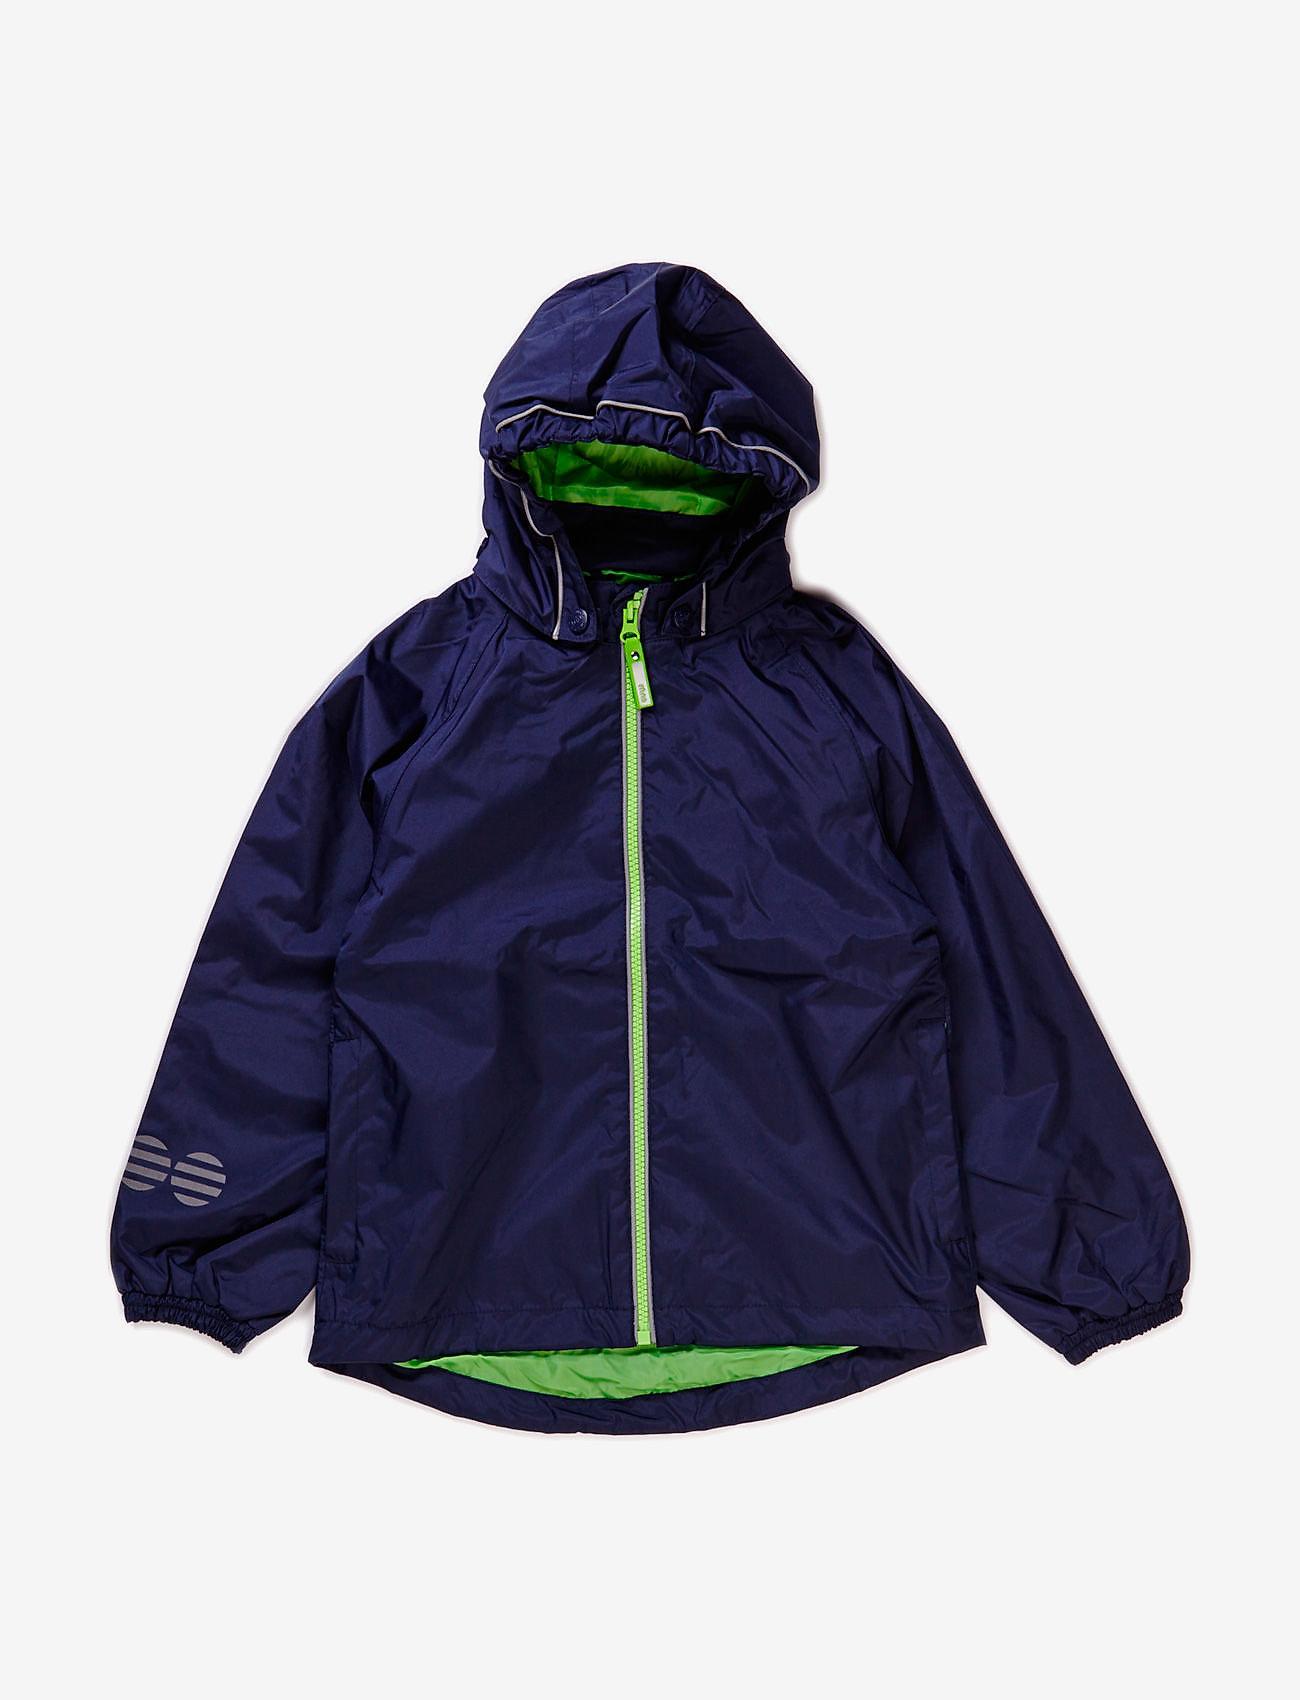 Minymo - Raincoat, breathable - jackets - dark navy